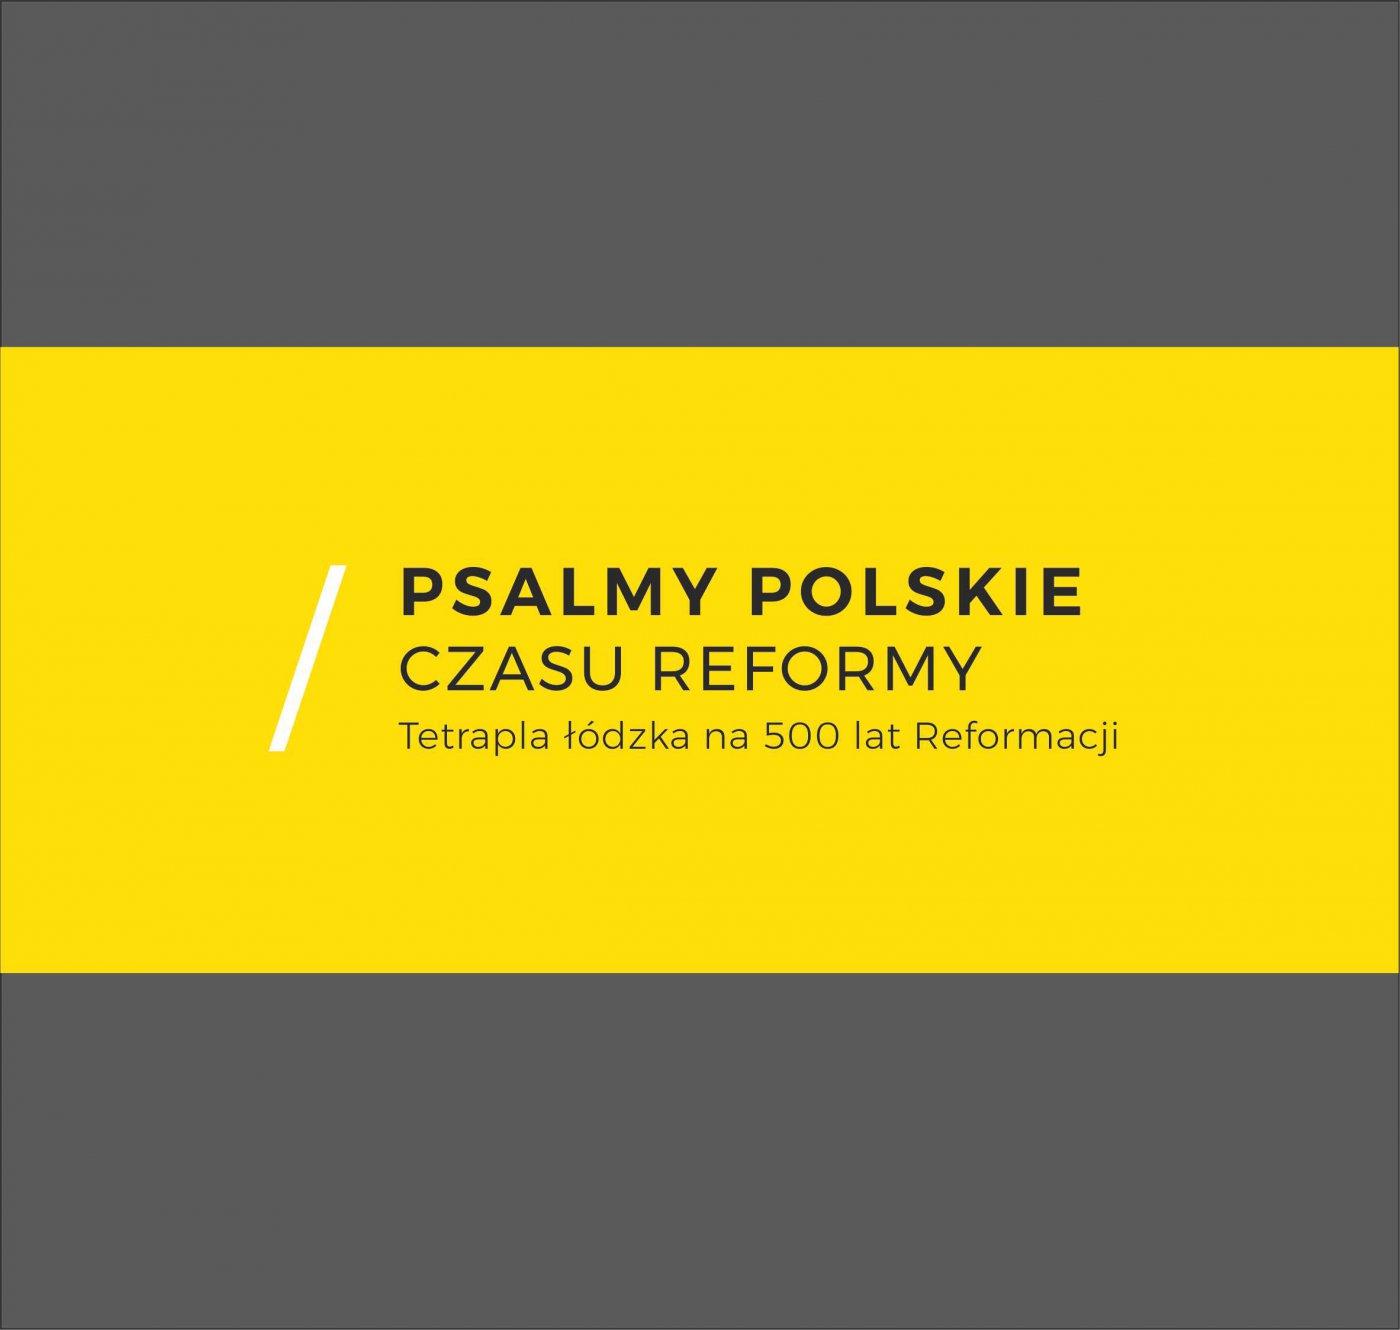 Psalmy polskie czasu reformy. Tetrapla łódzka na 500 lat Reformacji - Ebook (Książka PDF) do pobrania w formacie PDF